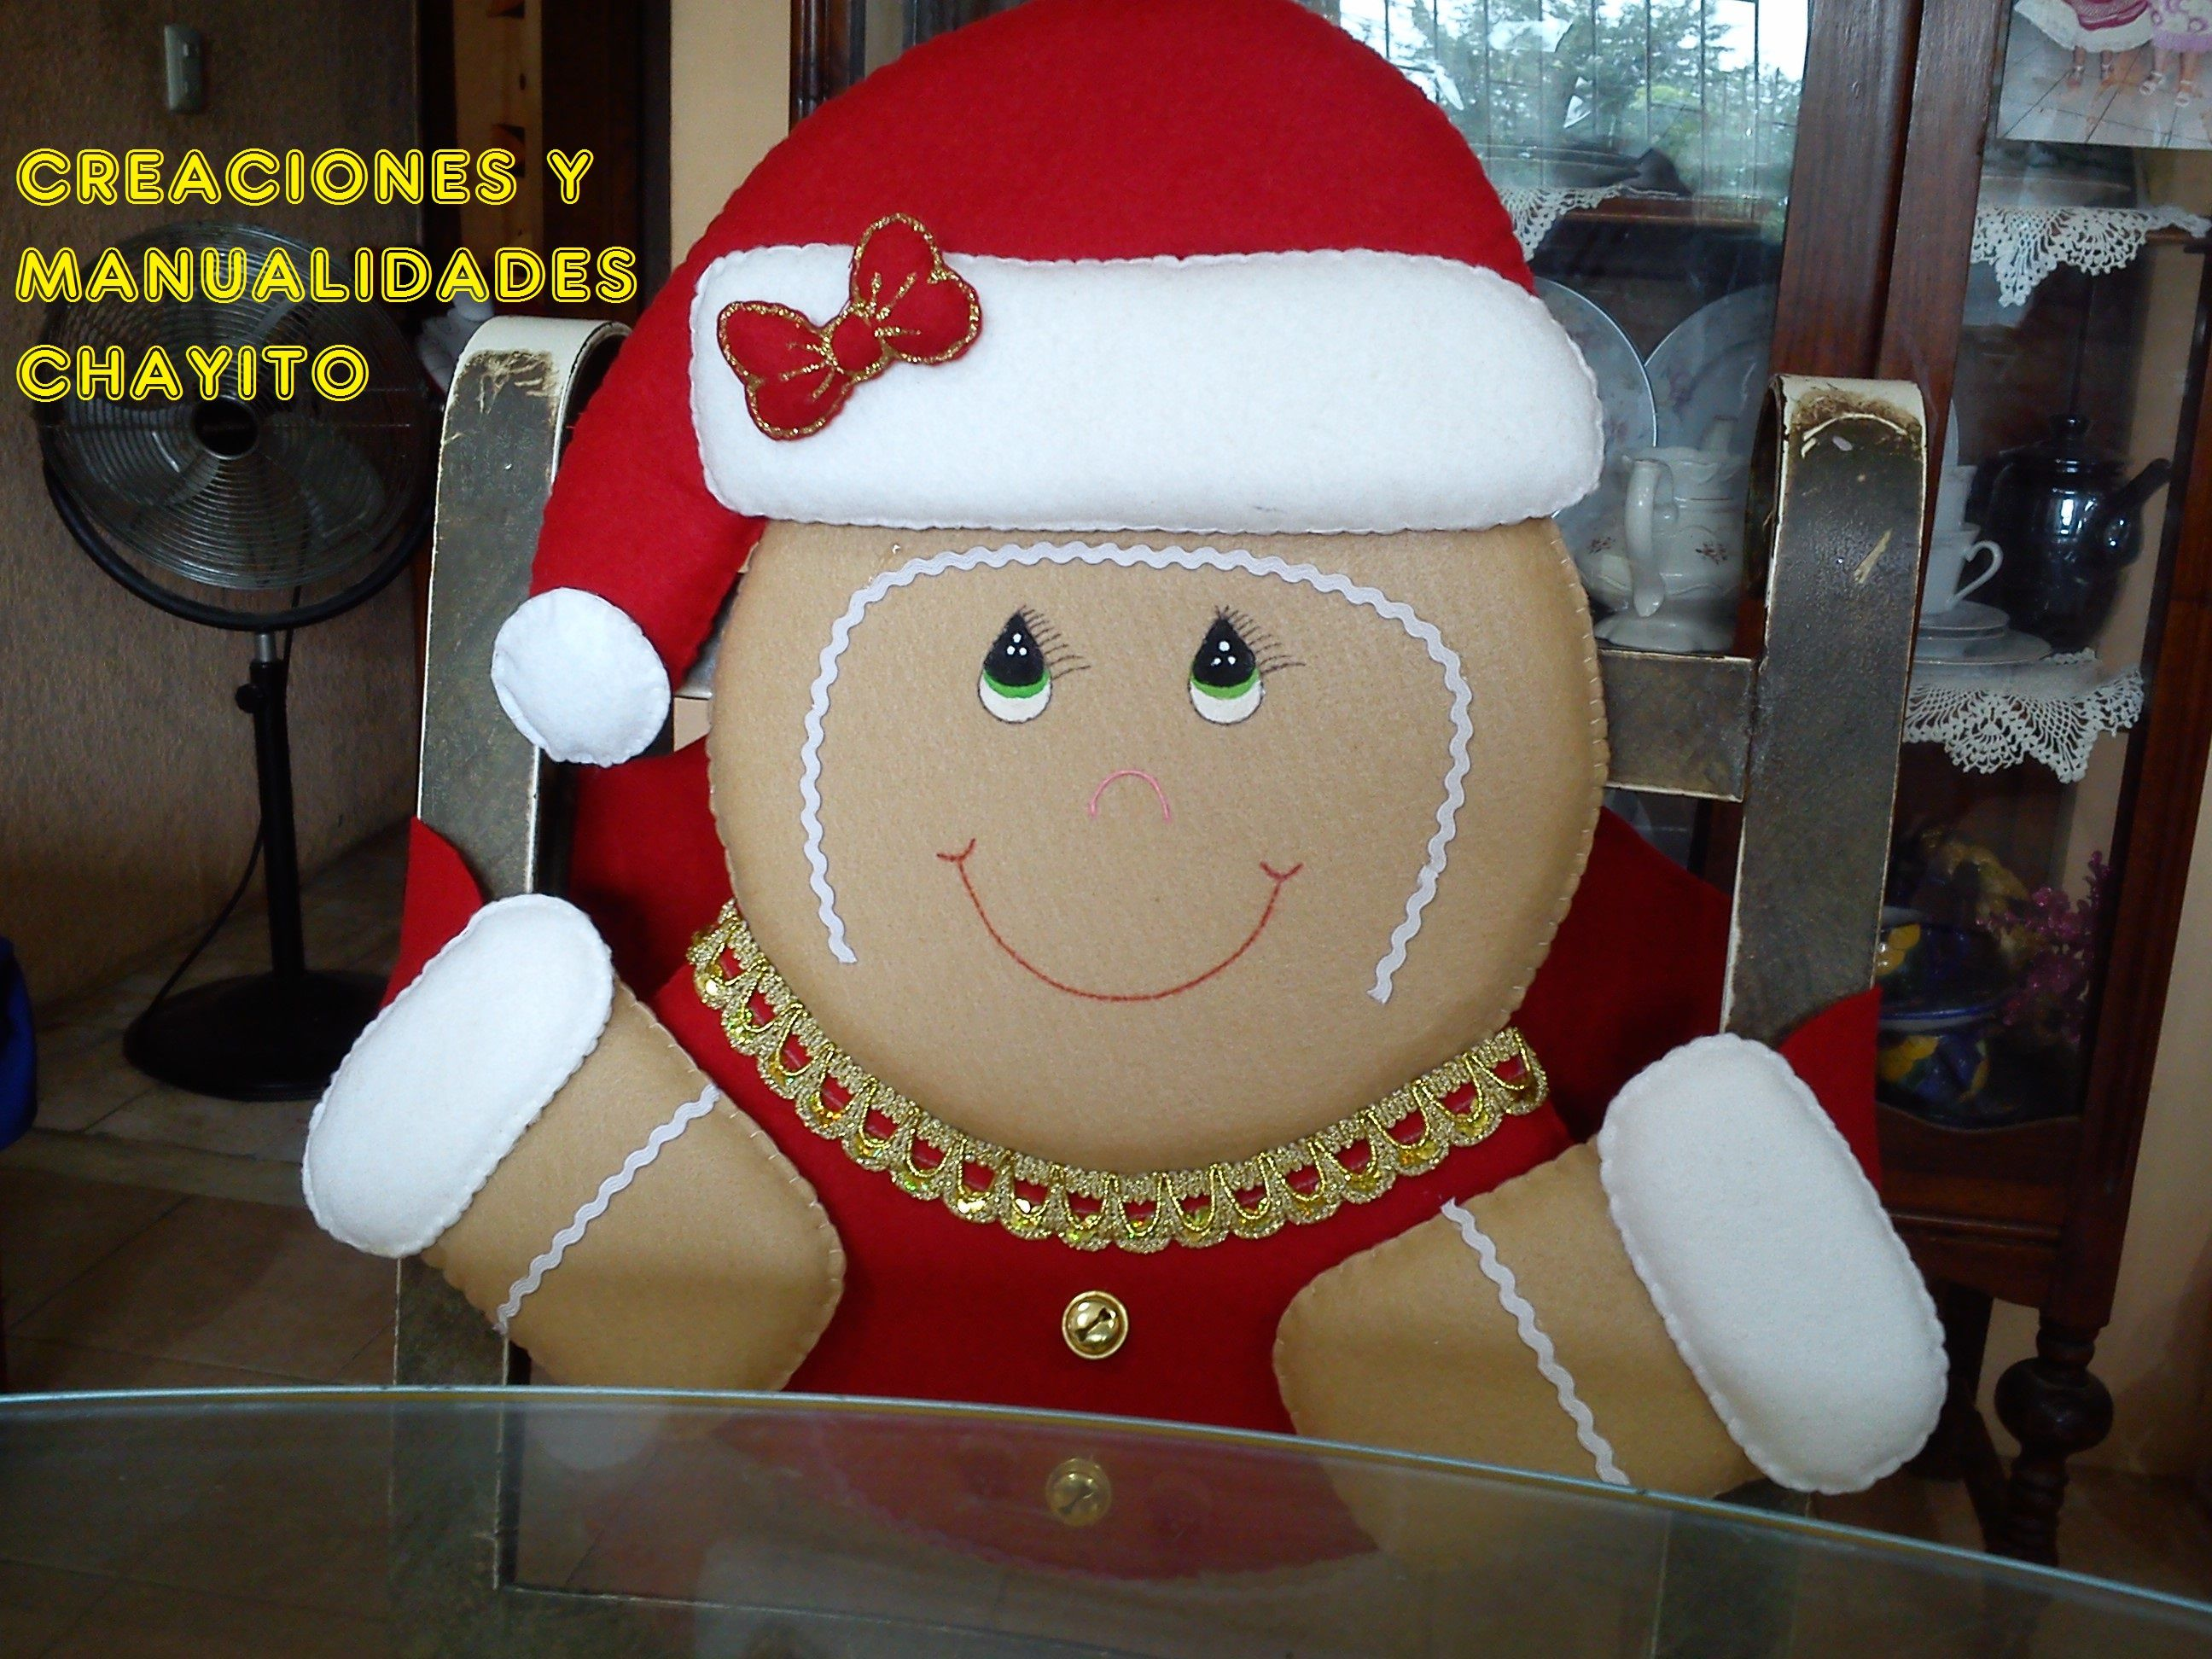 Cubre sillas adornos navide os lamparas navidad - Adornos navidenos para sillas ...